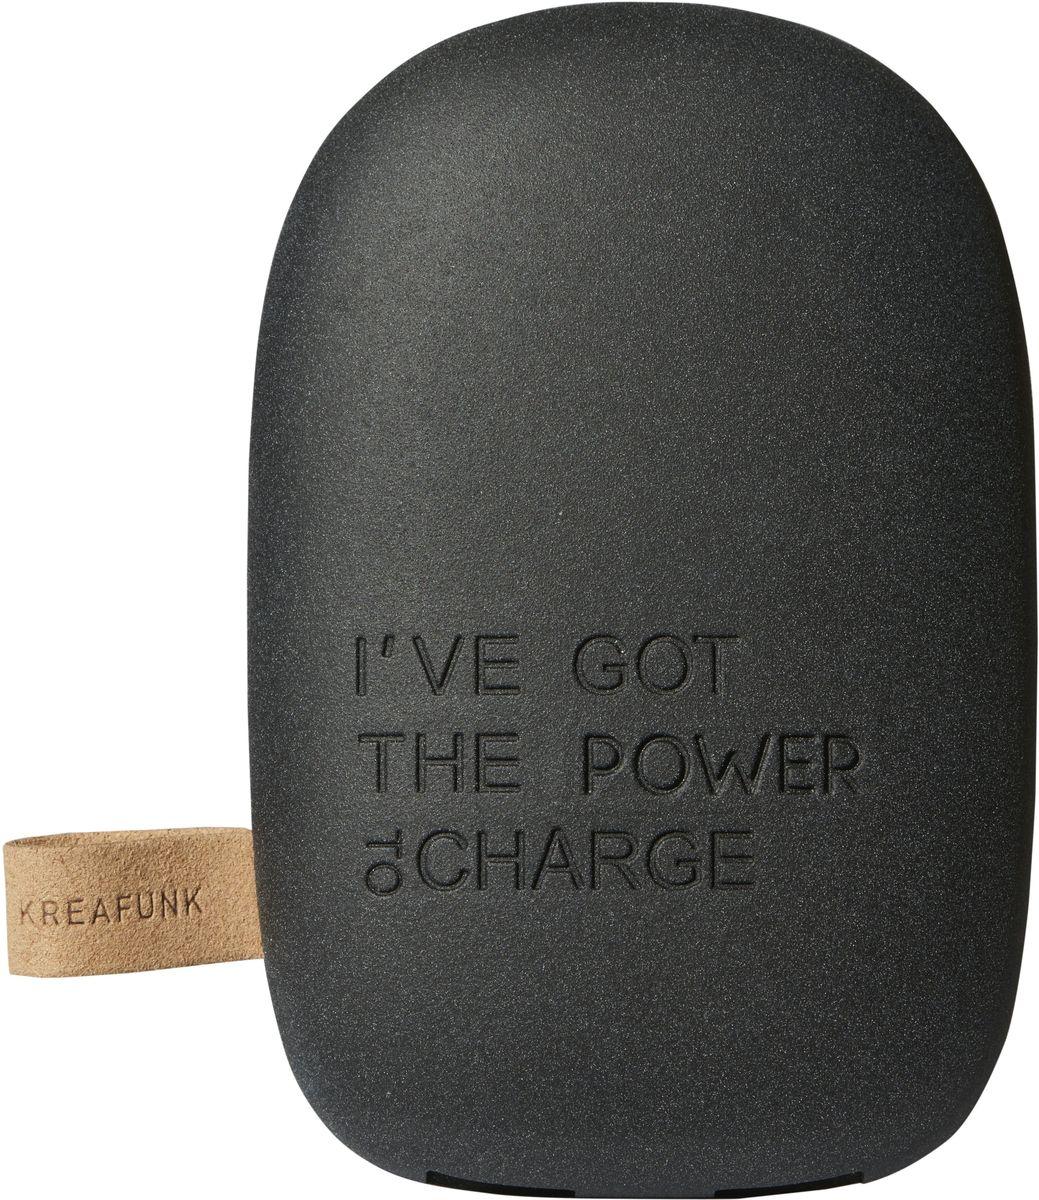 Kreafunk toCHARGE, Black внешний аккумуляторKfsk80Небольшой и изящный аккумулятор в стильном дизайне. toCHARGE гарантирует, что ваш смартфон, планшет или другие портативные устройства не останутся без энергии. Благодаря компактному размеру аккумулятор удобно носить с собой. Он идеально подходит для путешествий, долгих прогулок или встреч вне дома или офиса. В корпусе предусмотрено два USB порта, что позволяет одновременно заряжать два устройства. Мешок для хранения в комплекте. Аккумулятор упакован в красивую деревянную коробку, которую украшают слова из популярного сингла 90-х: «I've got the power». Технические характеристики: Литиевый аккумулятор 6000 мАч 4 LED светоиндикатор оставшейся емкости батареи и статуса зарядки Встроенный микропроцессор для предотвращения избытка и недостатка зарядки, перегрузки и короткого замыкания Подходит для iPhone Android, PSP, MID, мобильных телефонов, MP3, GPS и похожих устройств Автоматическое включение и выключение питания Выходная мощность 5В/1A & 5В/2.1A ...